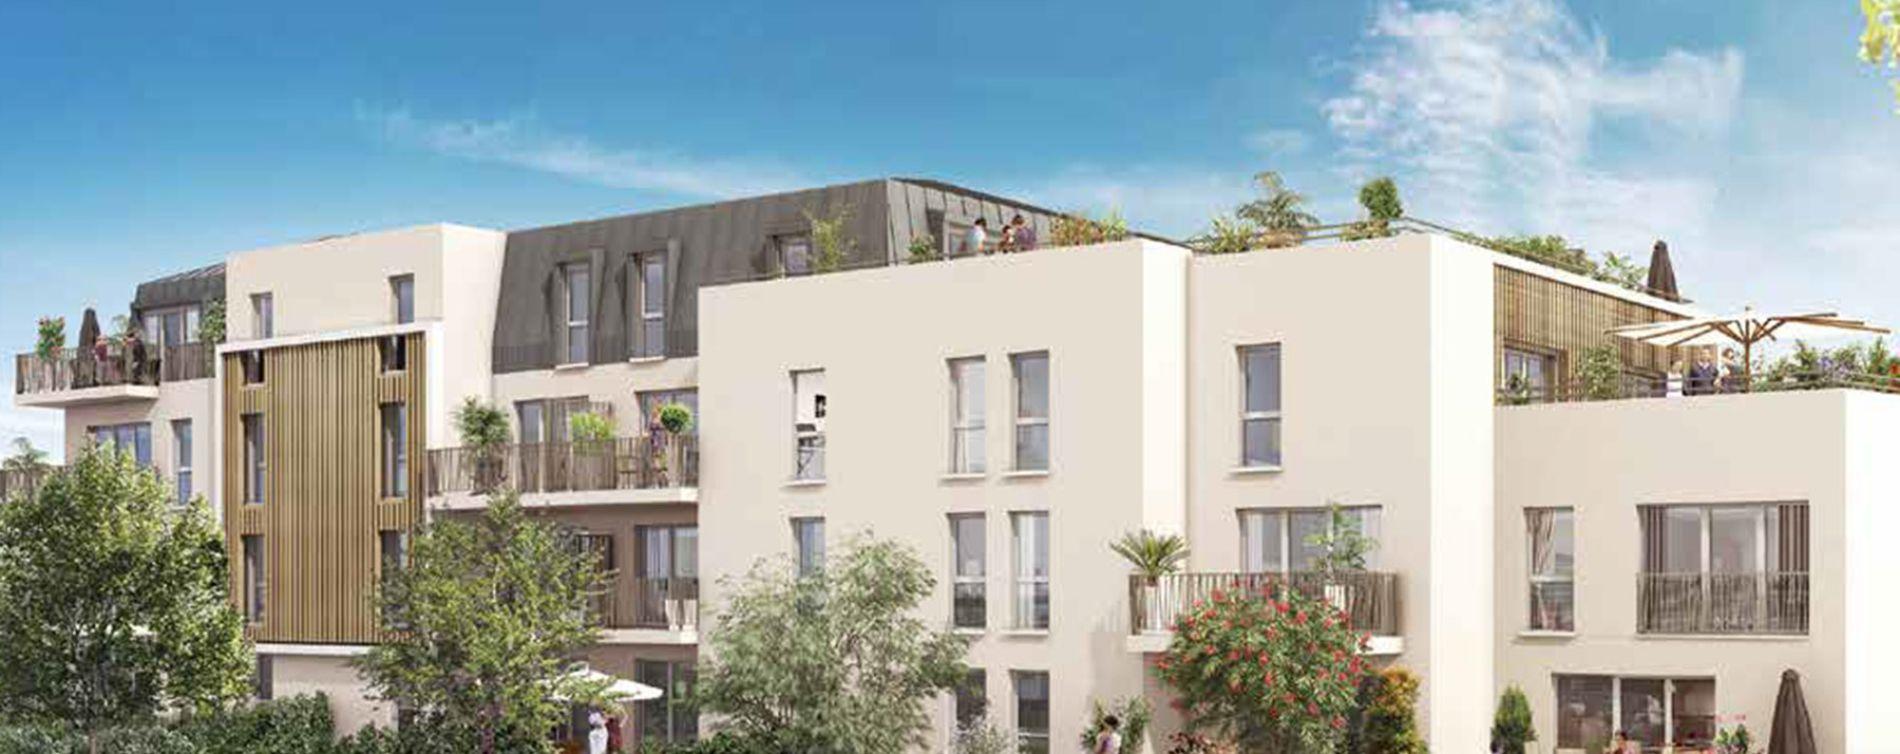 Résidence Esprit Loire à Montlouis-sur-Loire